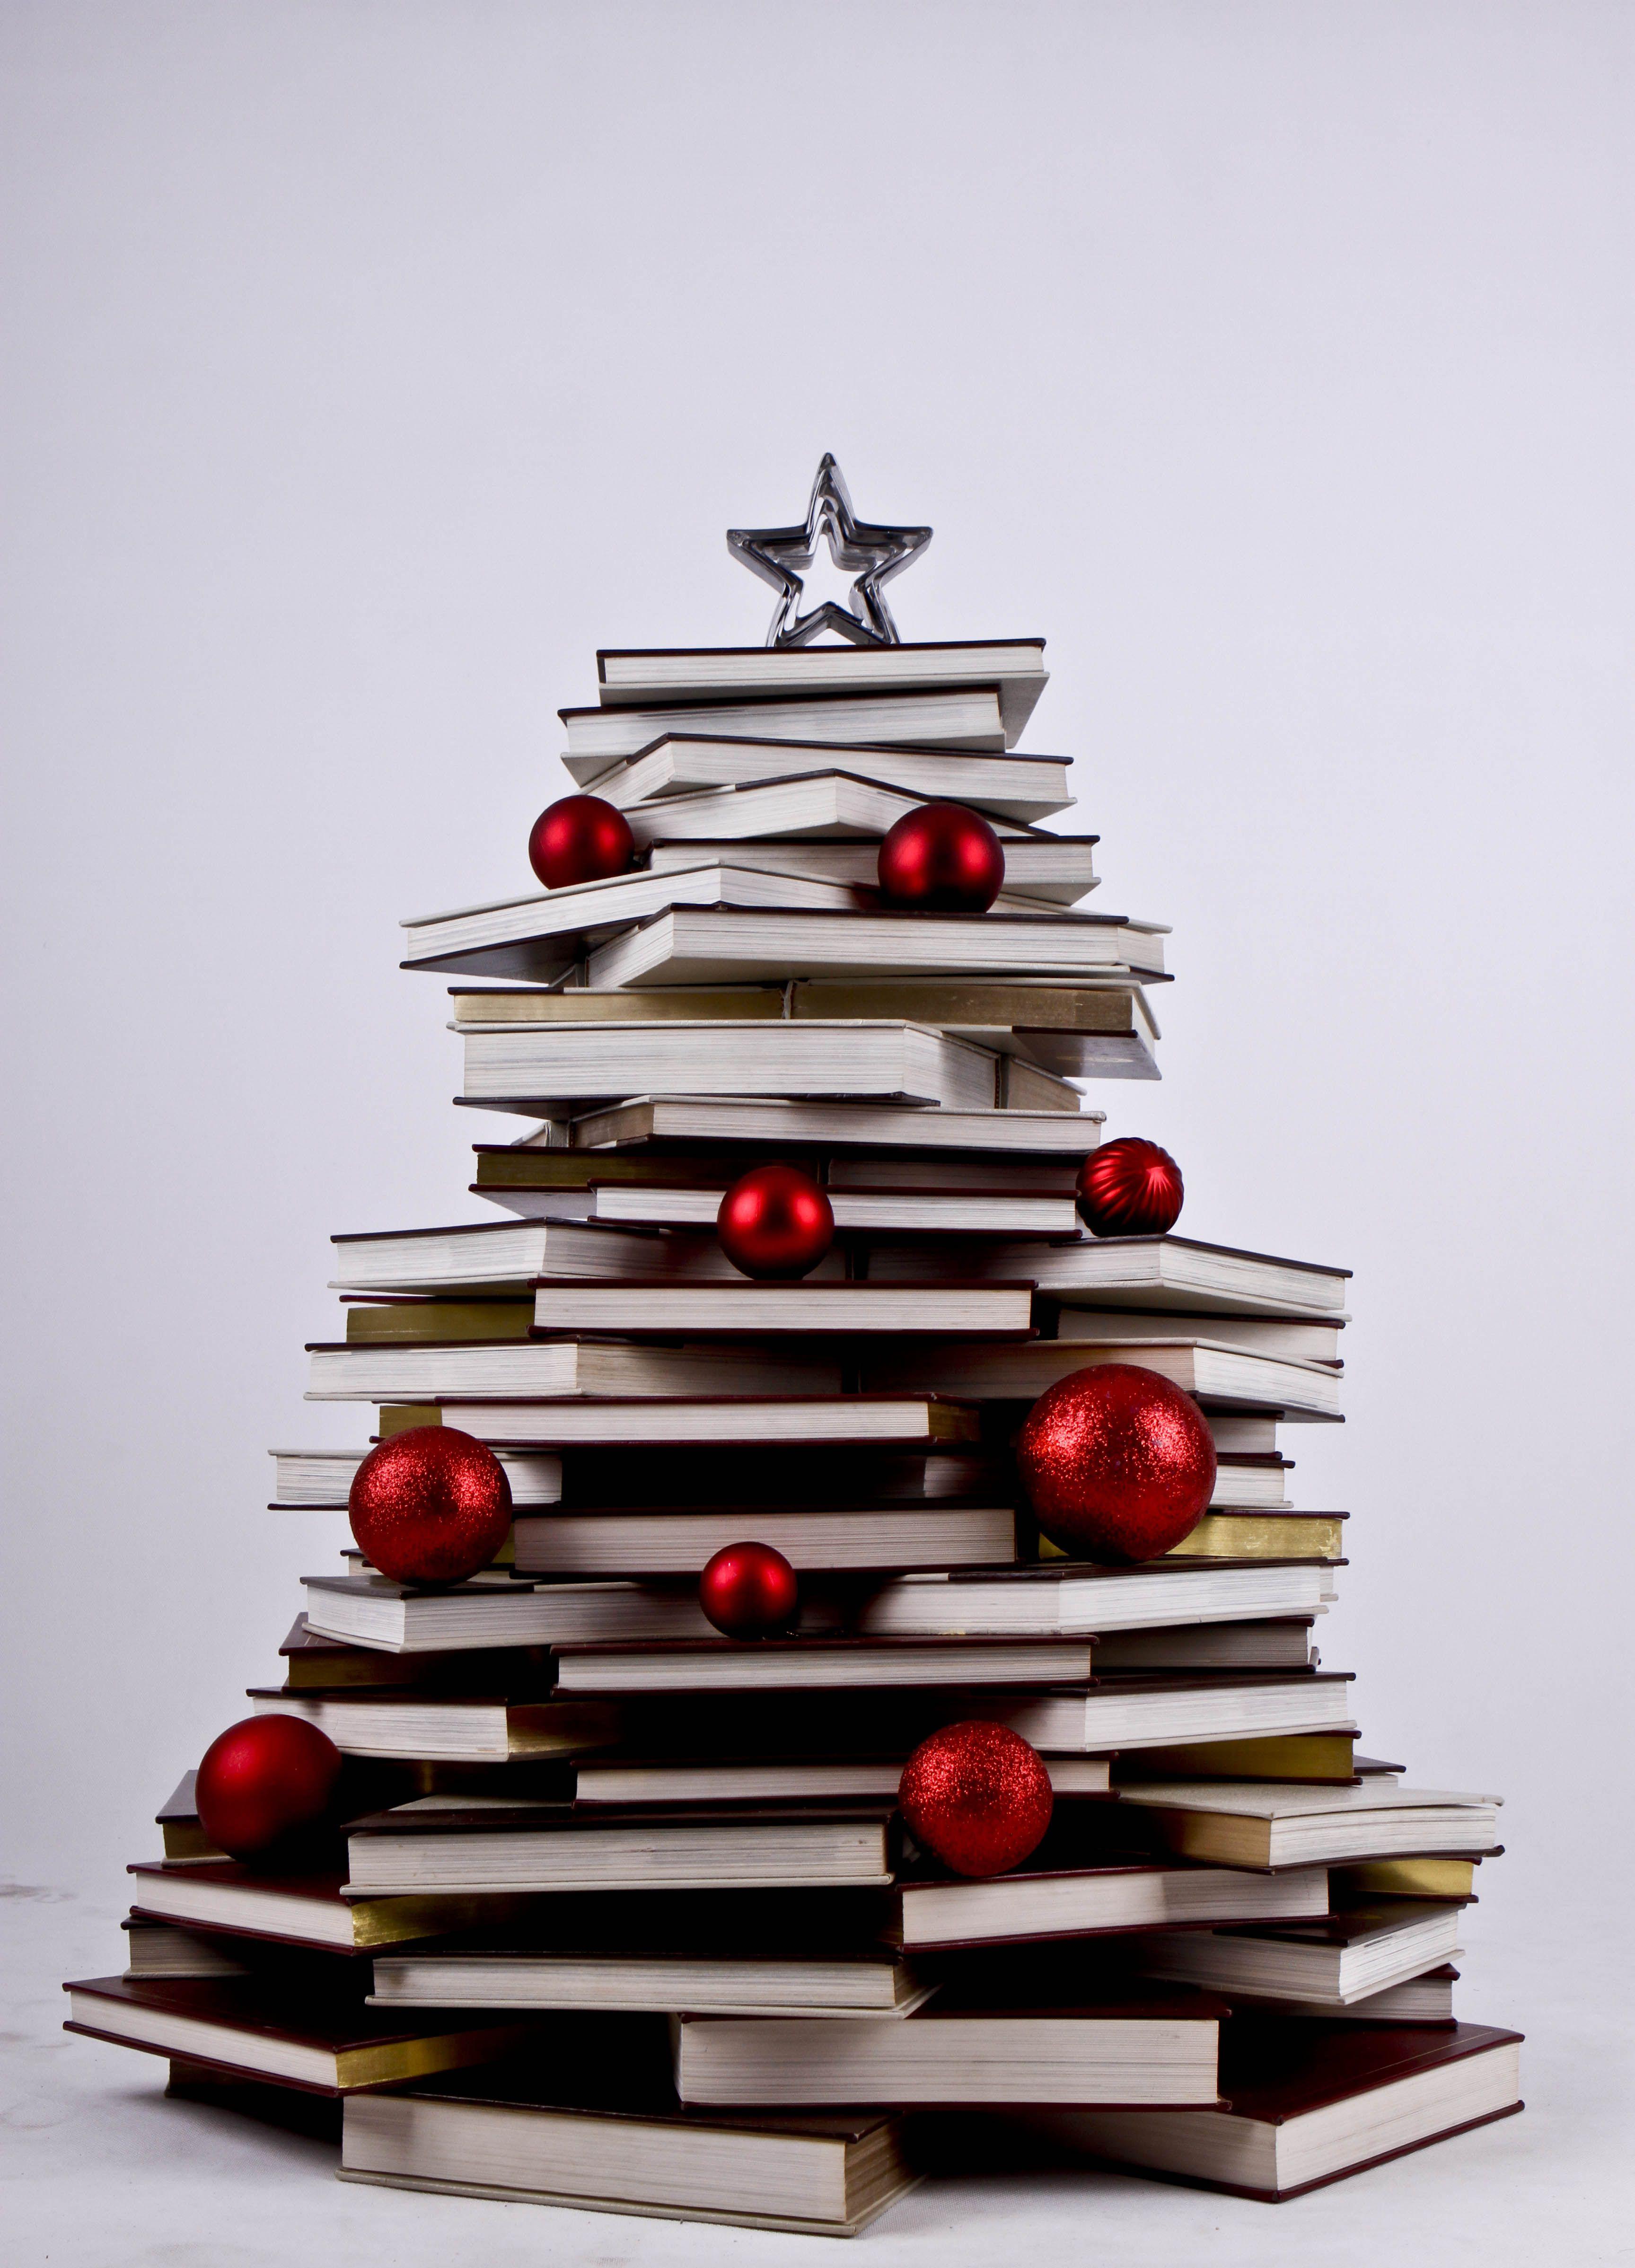 Libri Decorazioni Natalizie.Letture Di Natale Tradizioni Natalizie Idee Per L Albero Di Natale Libri Natale